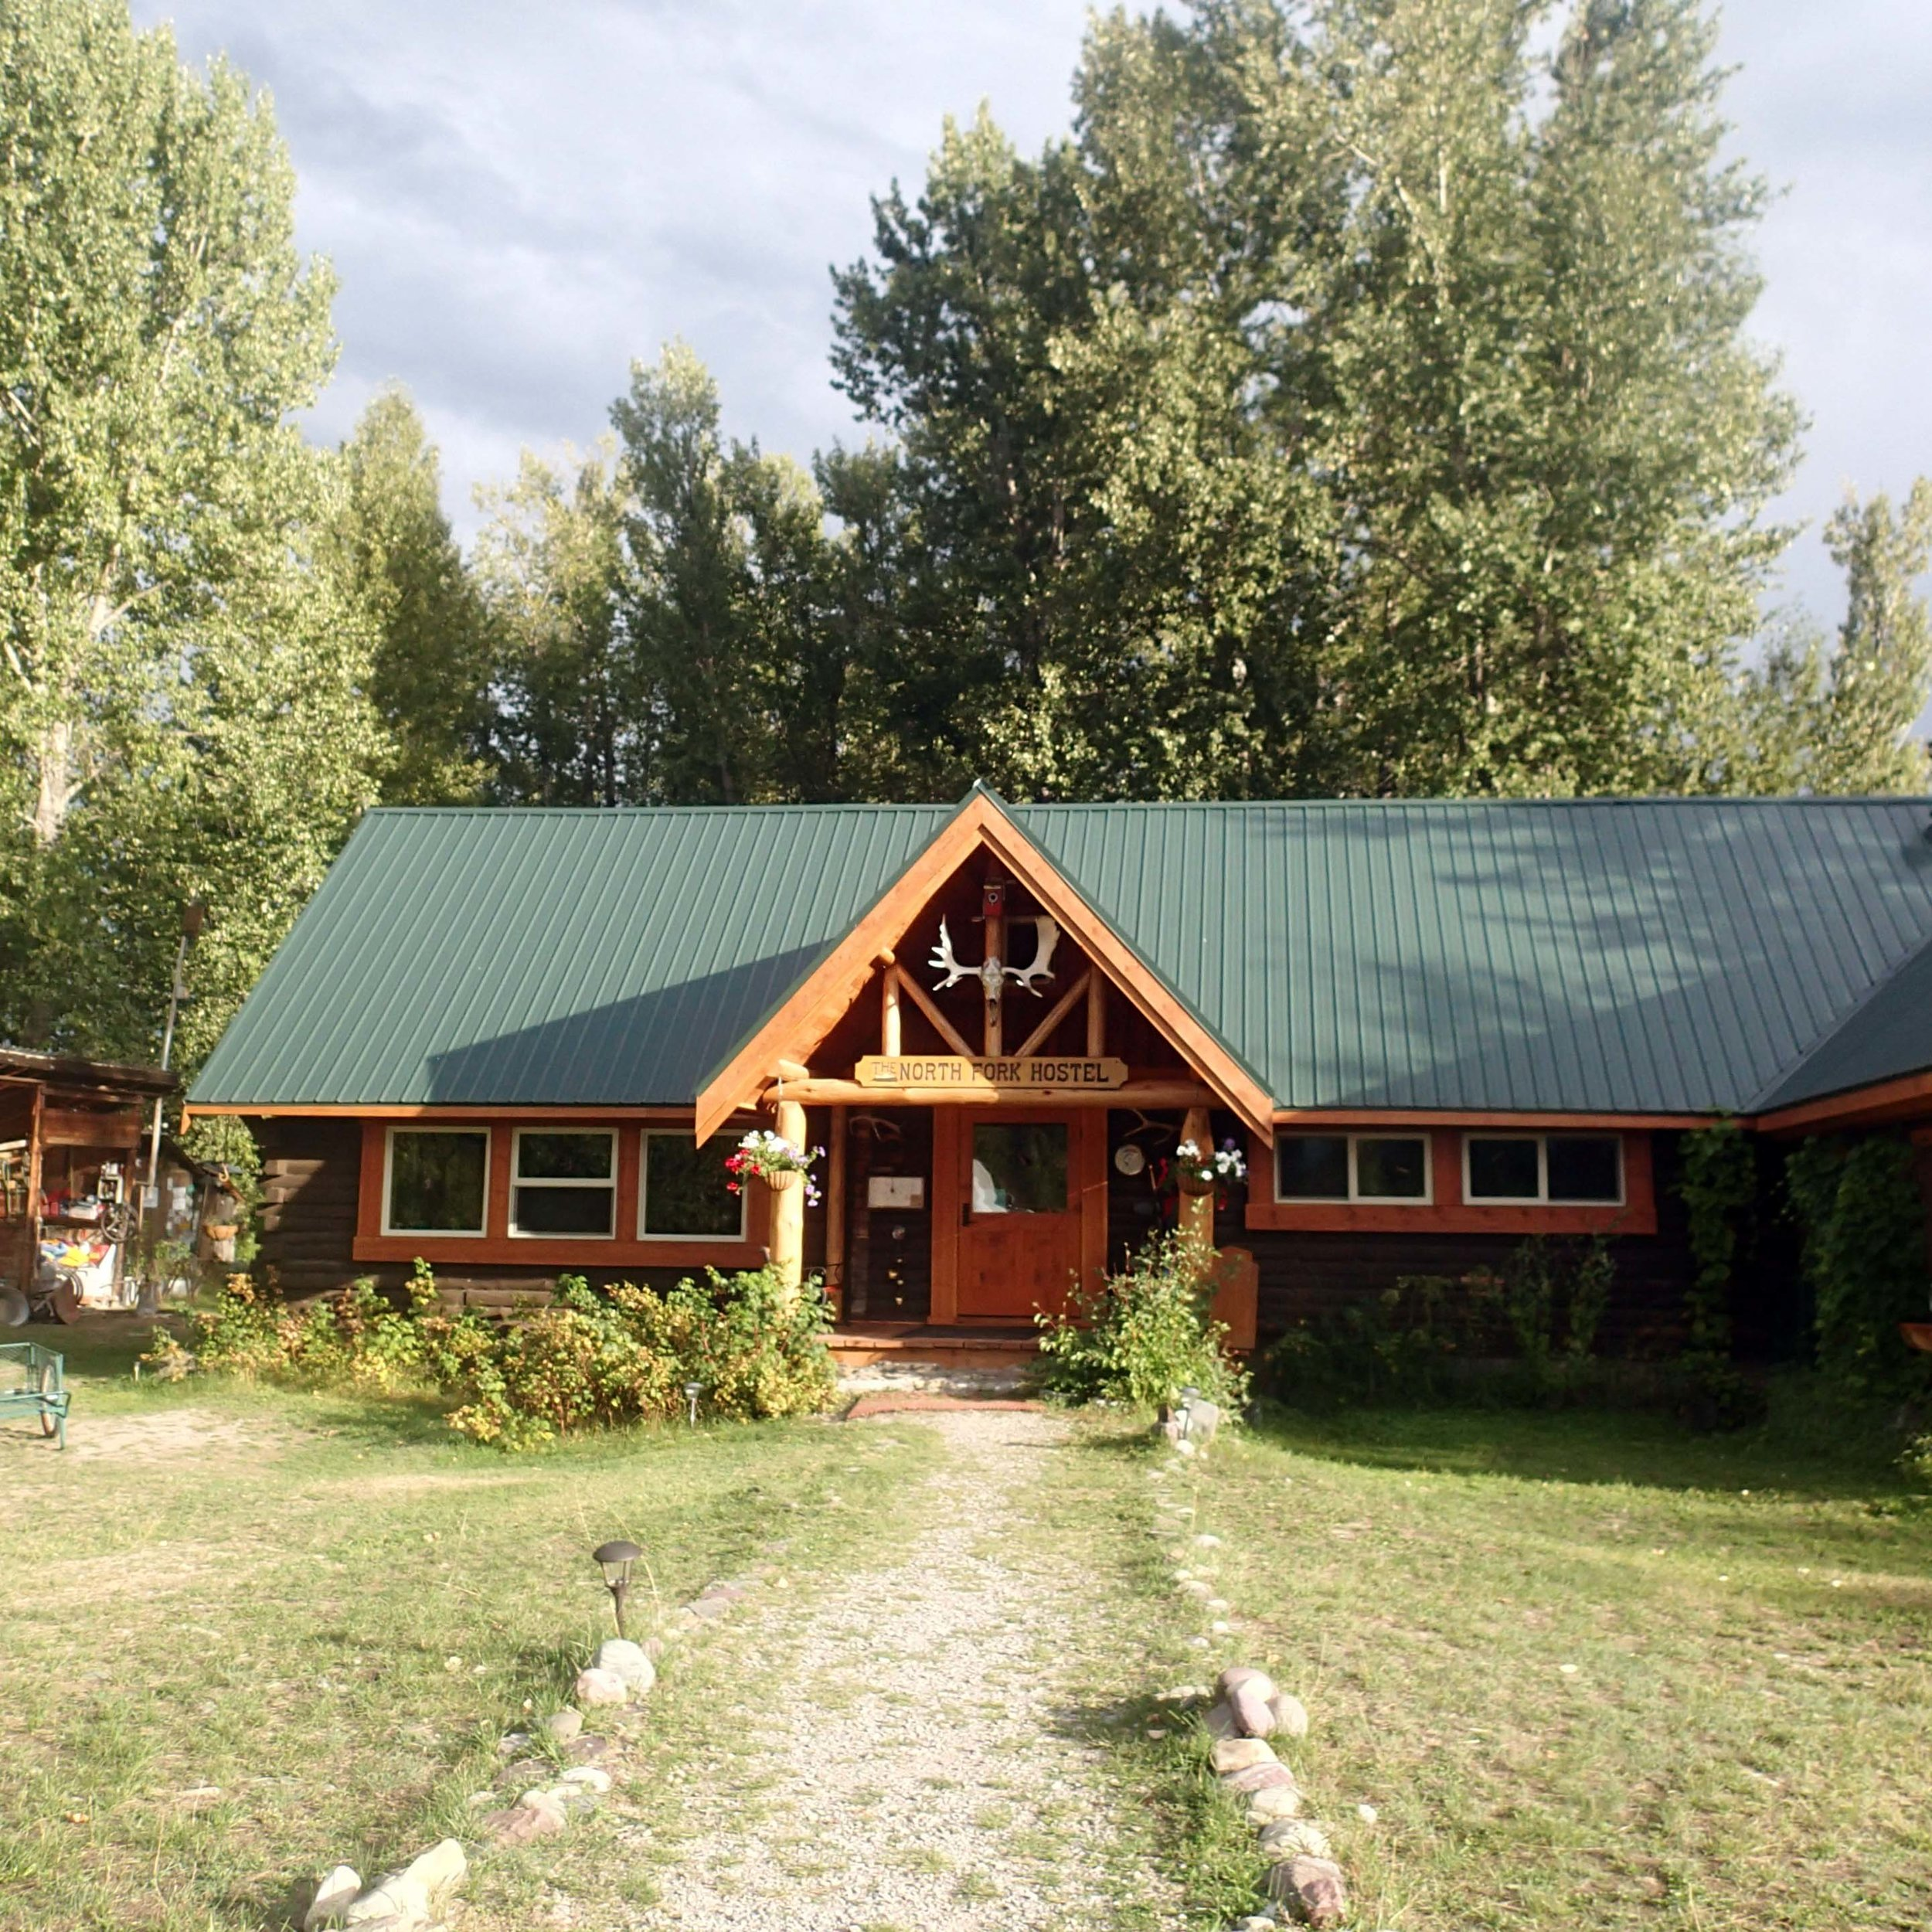 North Fork Hostel.jpg